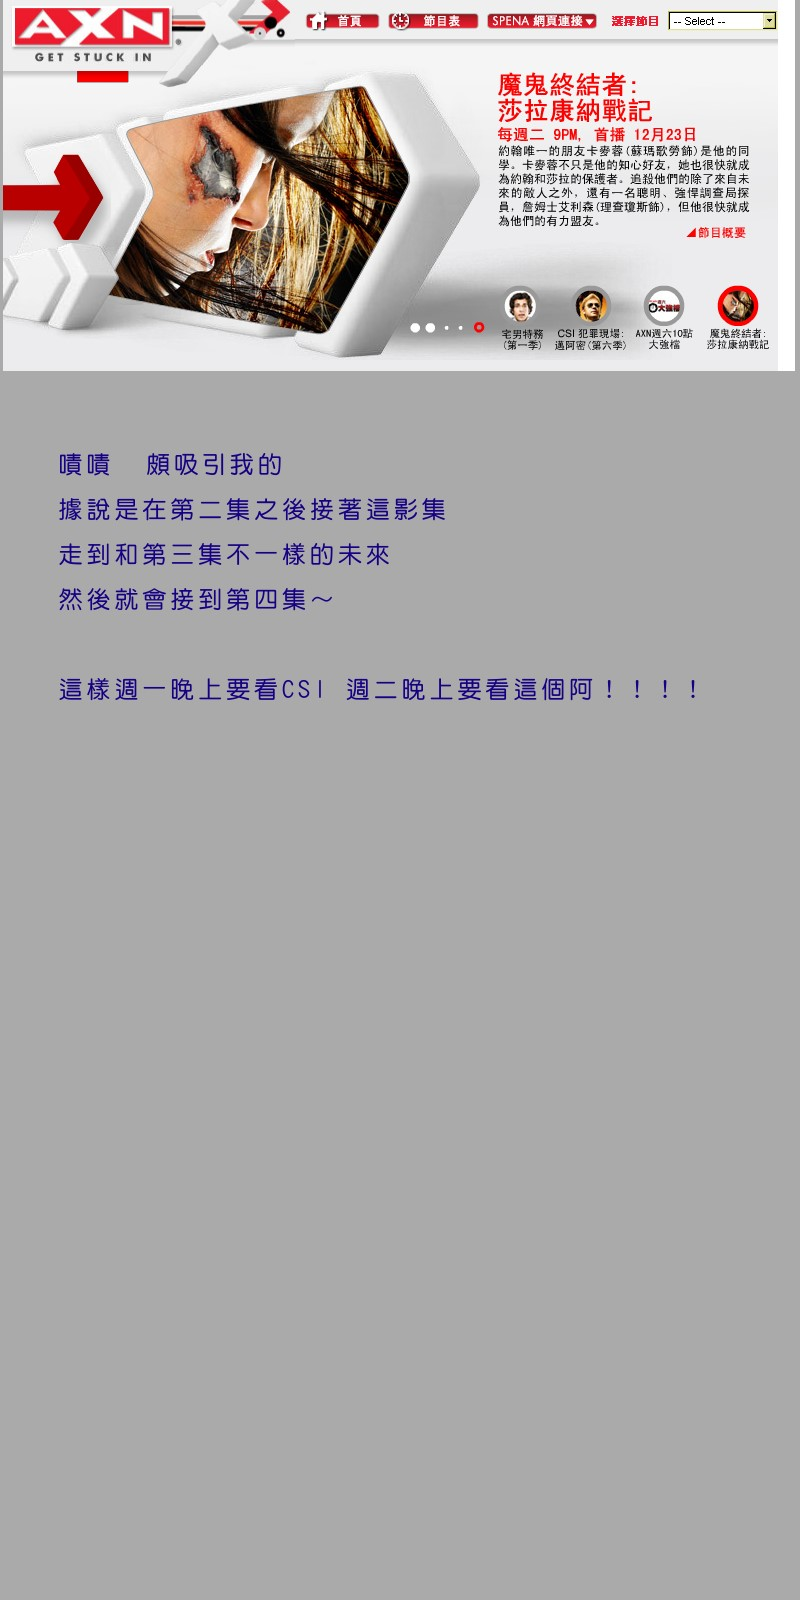 12-09-04.jpg